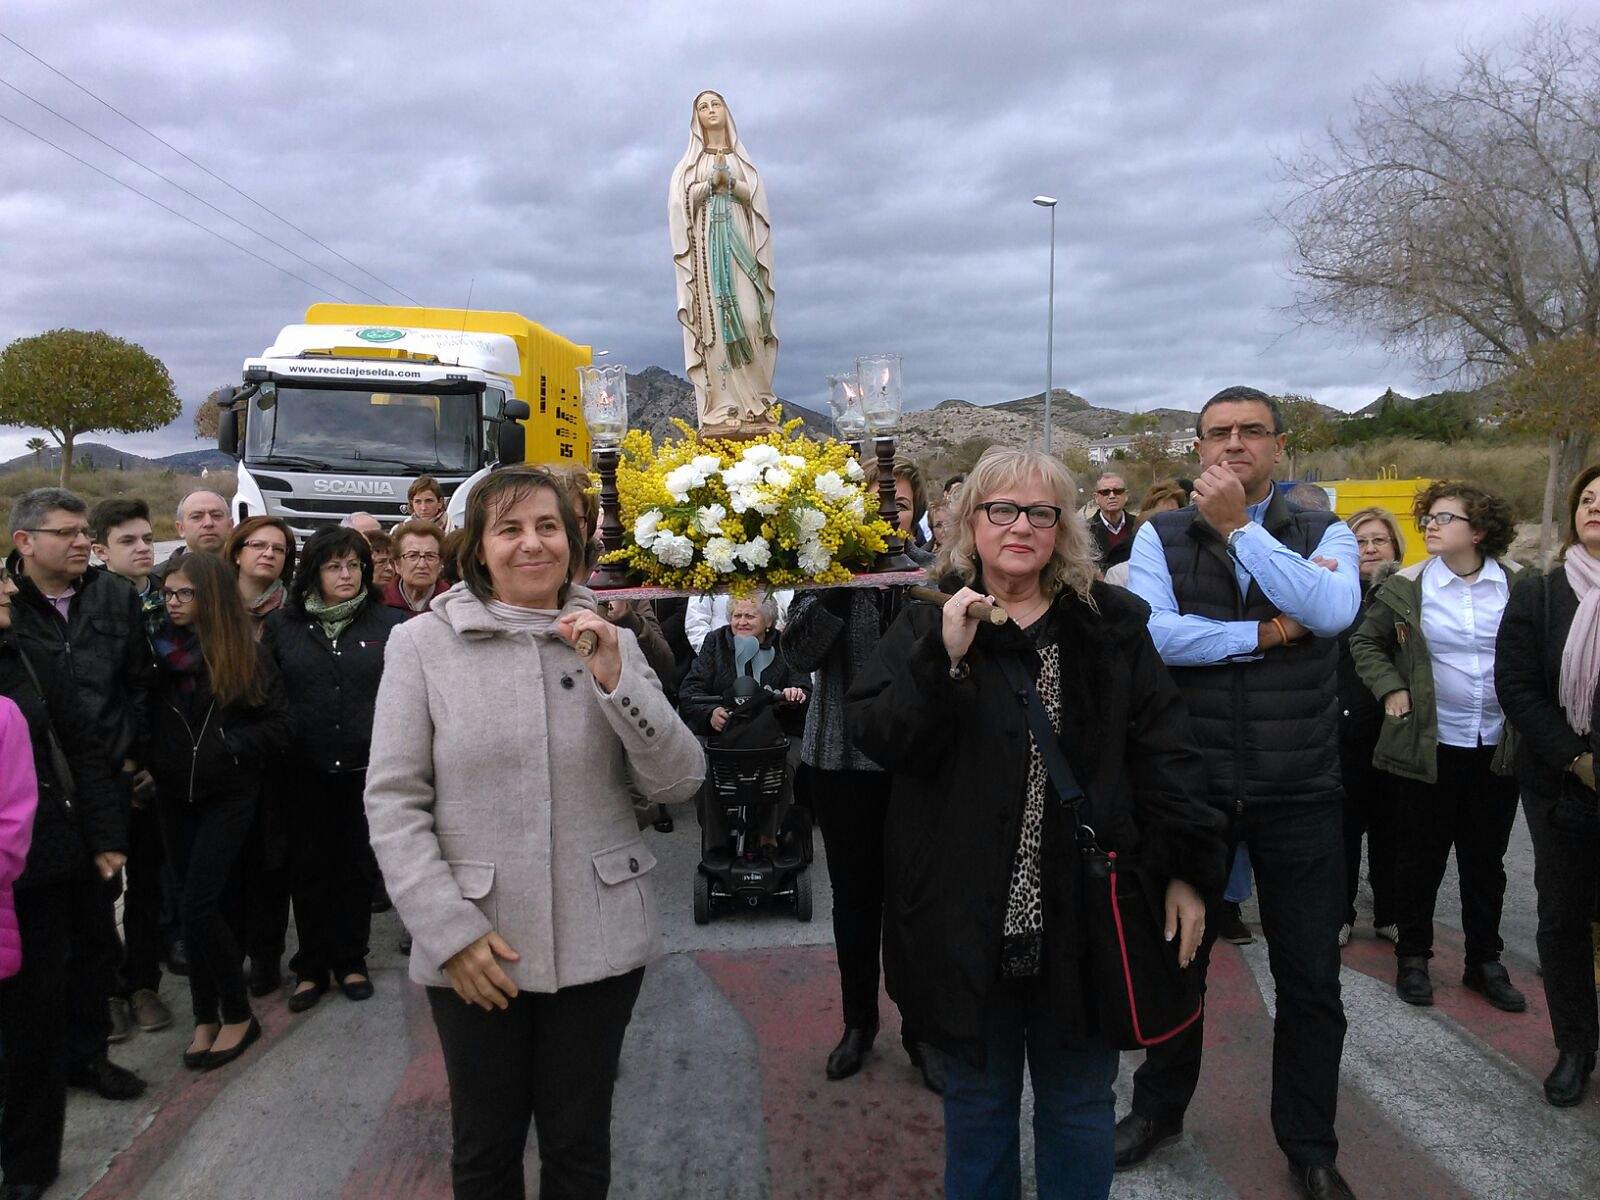 (2016-02-13) - Inauguración Virgen de Lourdes, La molineta - Miguel Angel Miralles Cano  (01)